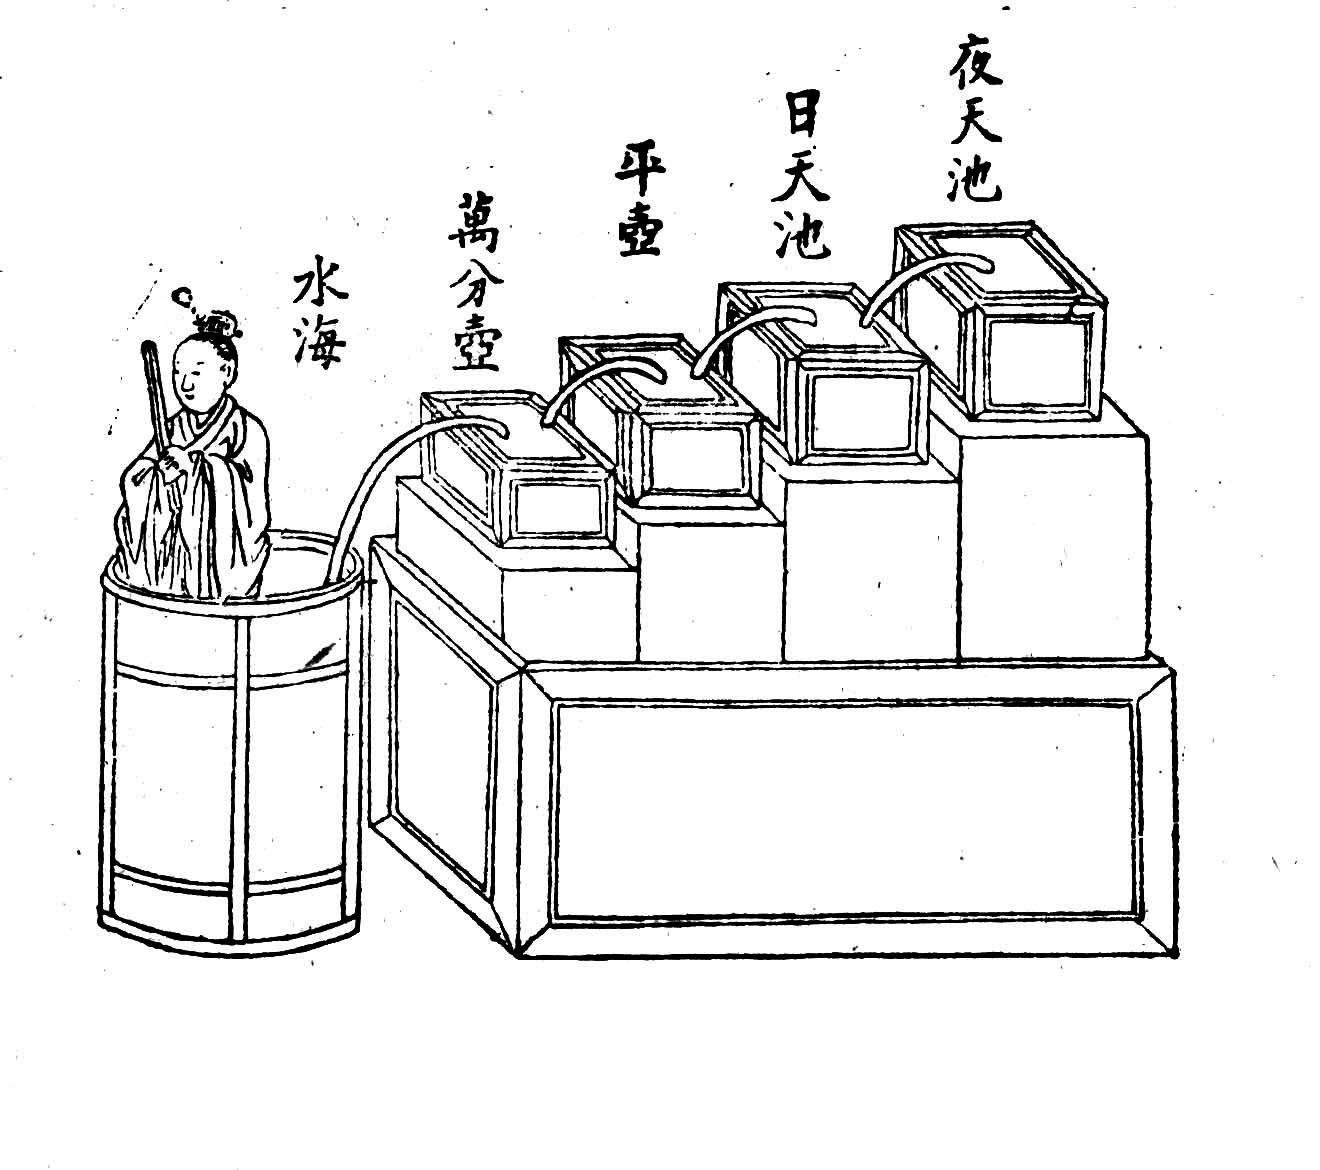 北京故宫博物院藏_乐乐简笔画